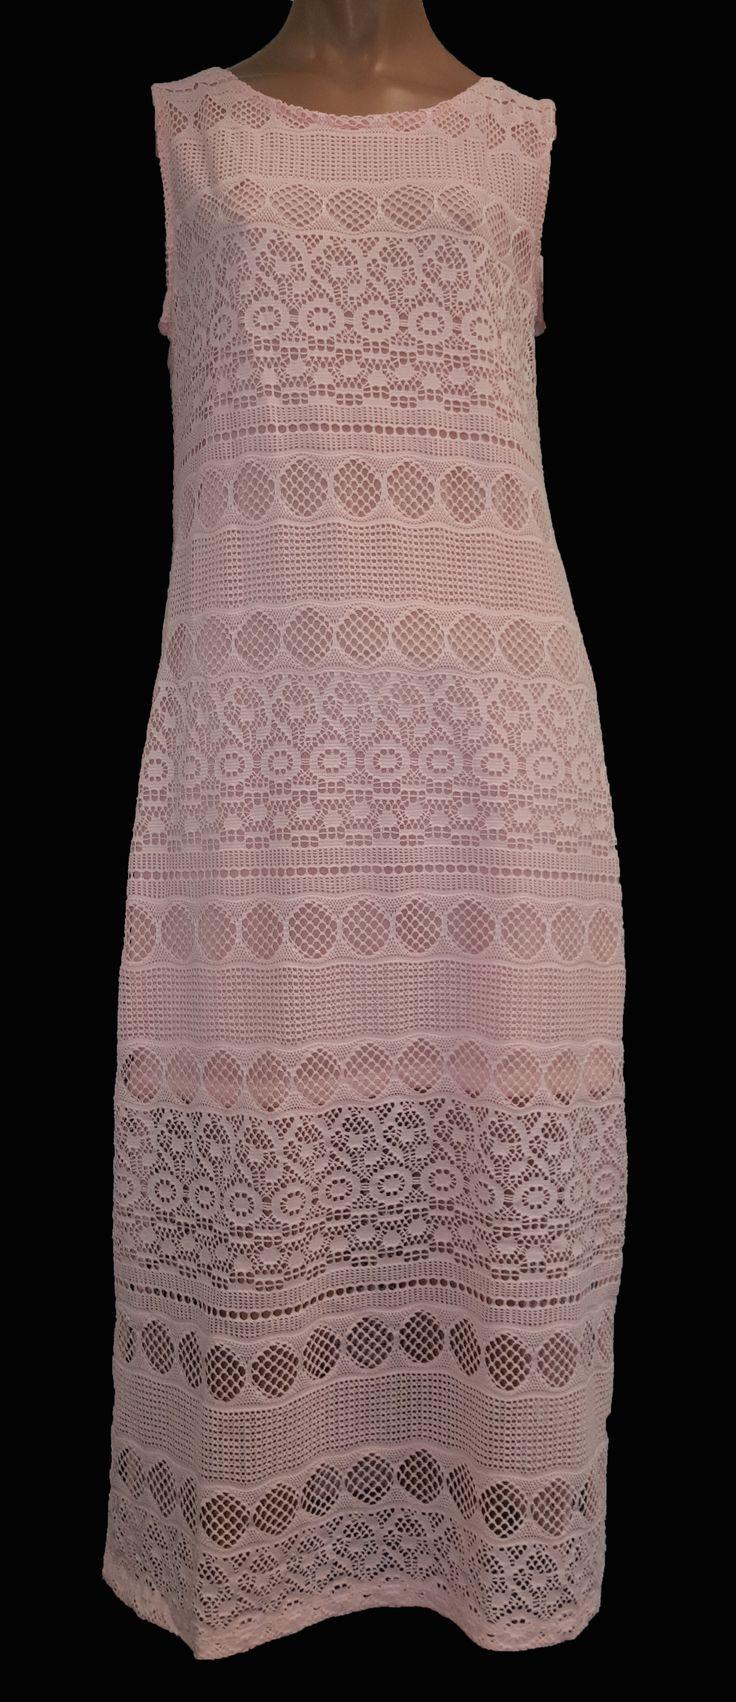 Super leuk gehaakt jurkje in perzik - Verkrijgbaar in de maten S/M en M/L € 24,95 GRATIS VERZENDING!!